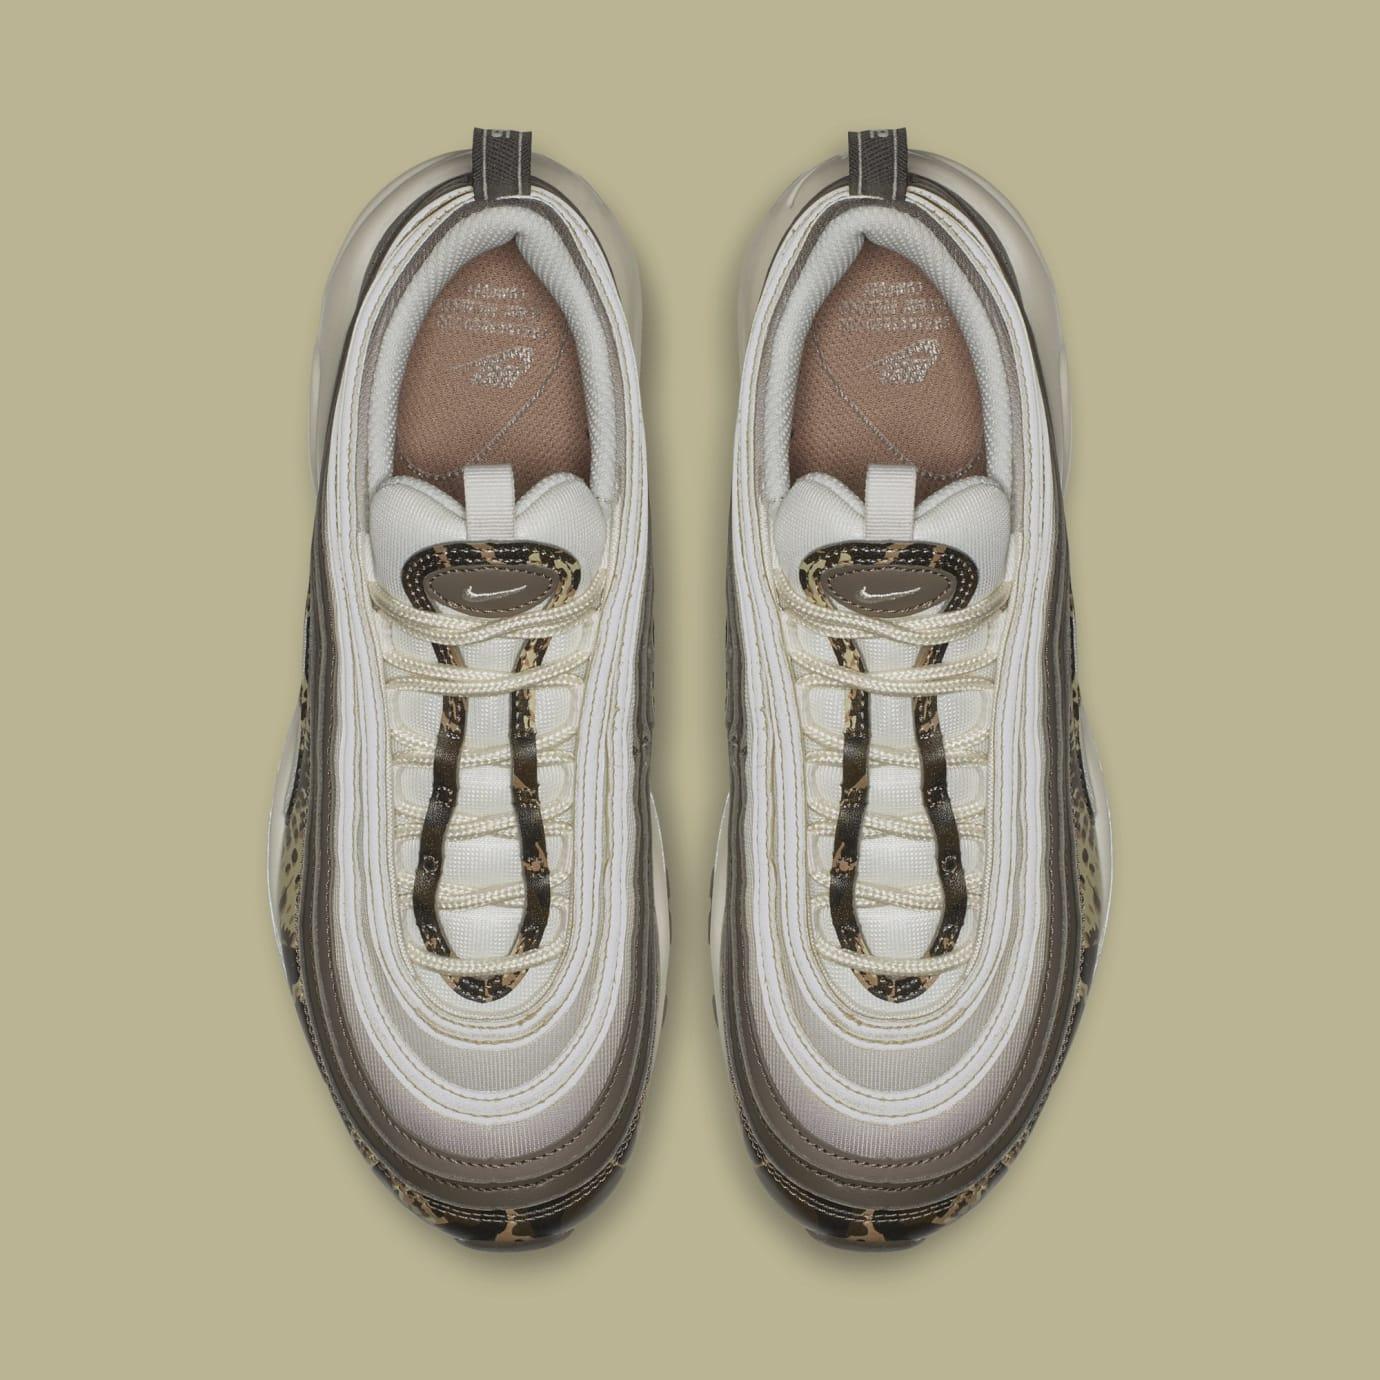 WMNS Nike Air Max 97 'Future Forward' 917646-201 (Top)